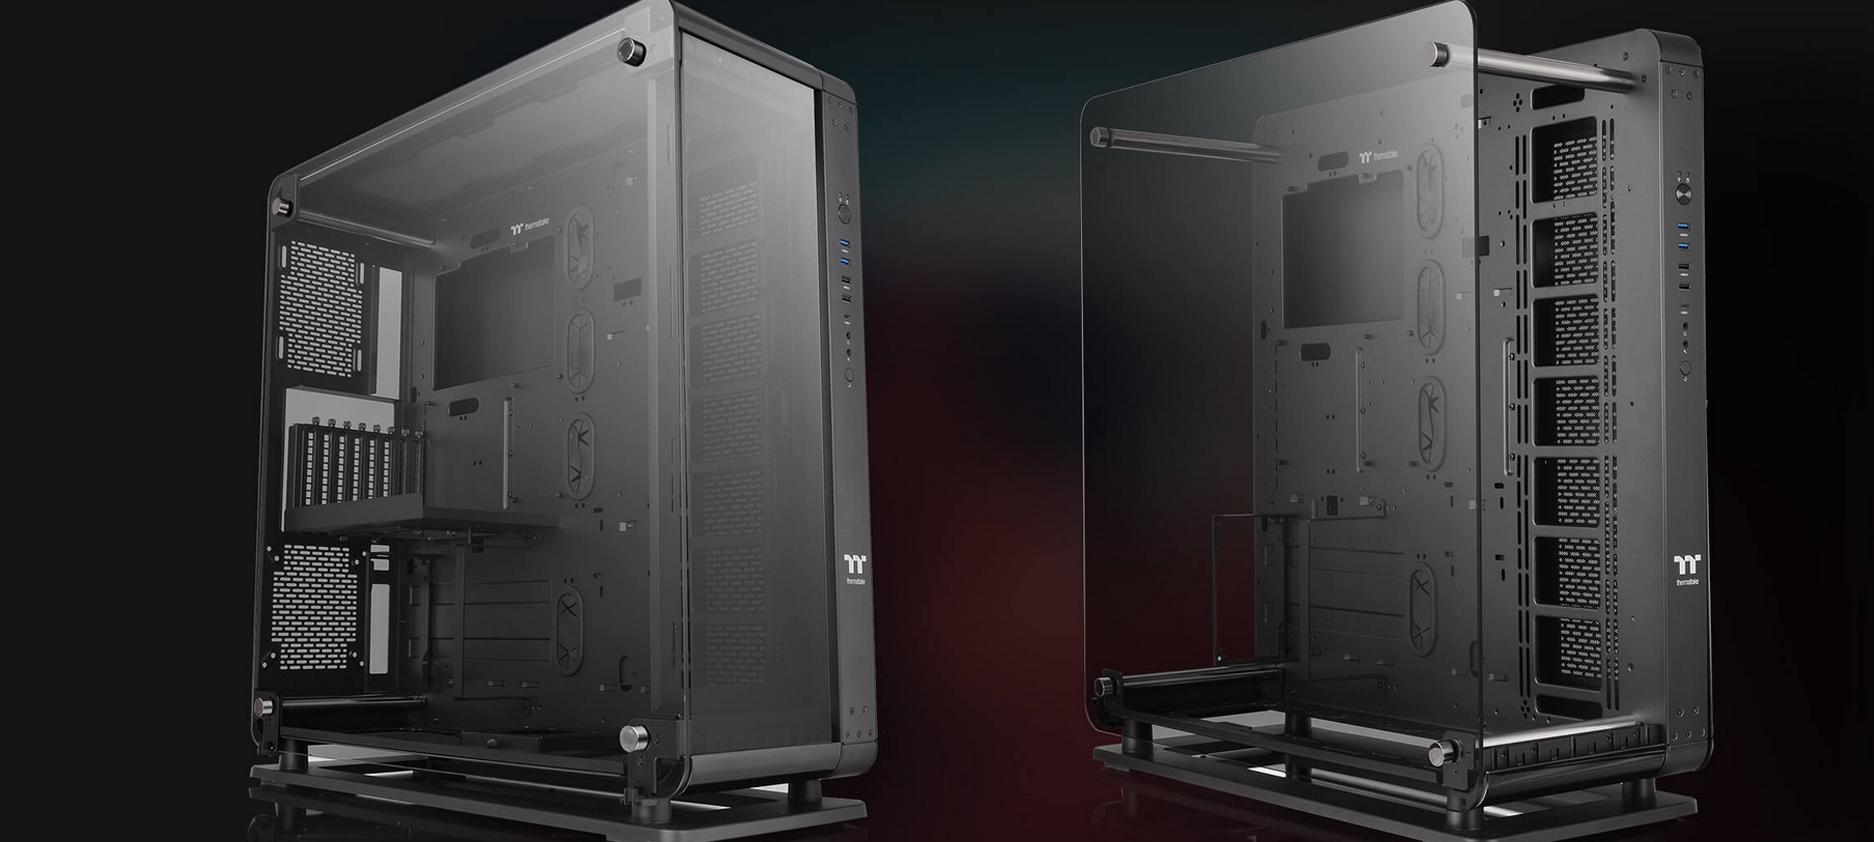 Case Thermaltake Core P8 Tempered Glass Full Tower Chassis (Full Tower / Màu Đen) - Mẫu vỏ case kích thước Full Tower có thể chuyển đổi giữa hai hình dáng là case đóng hoặc case mở đơn giản chỉ thông qua một vài thao tác.